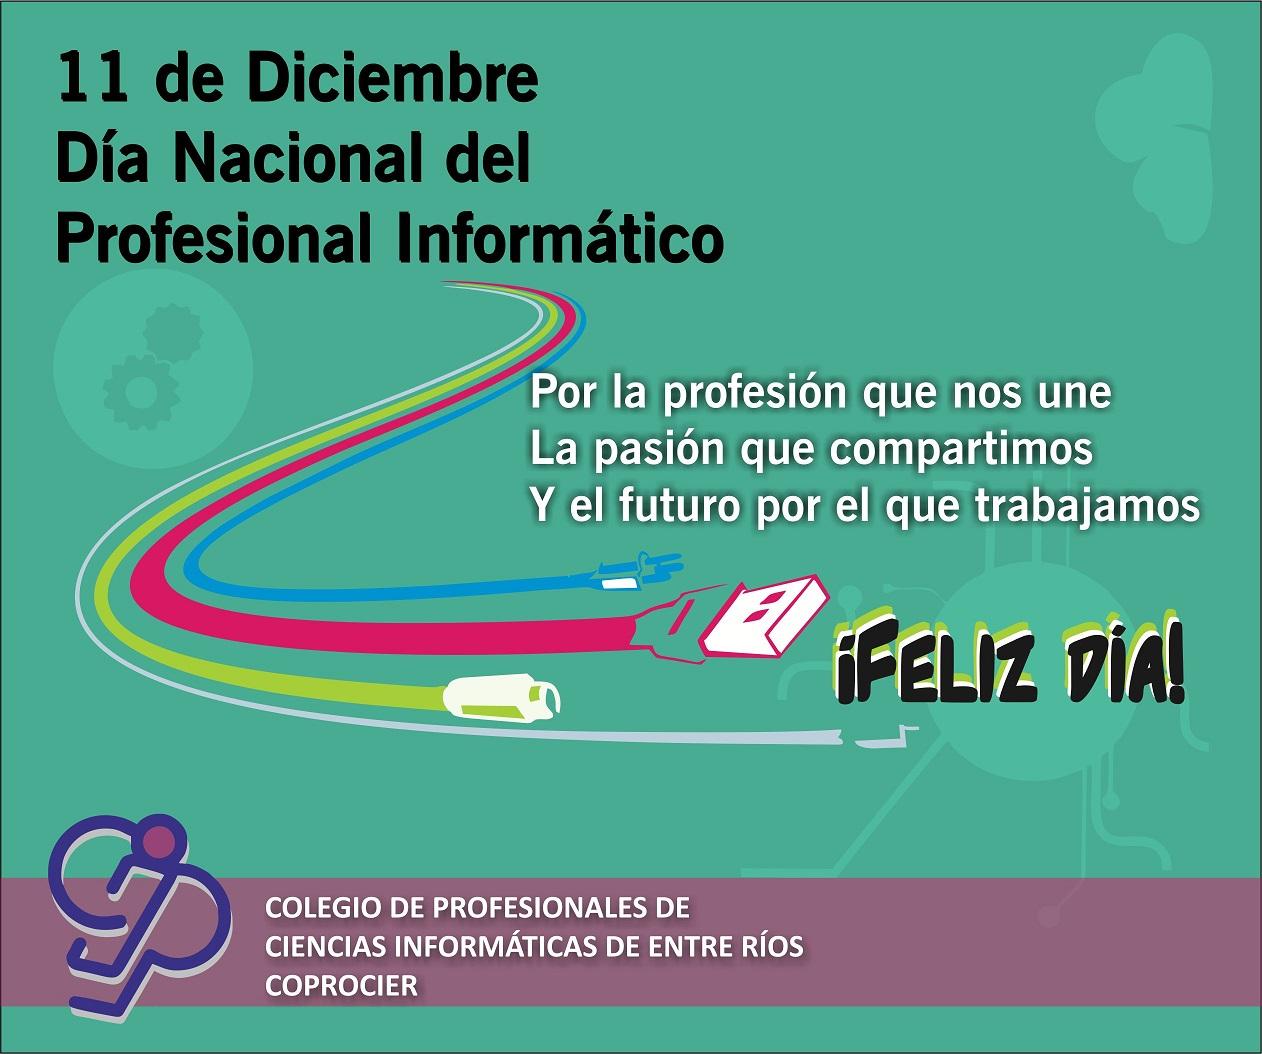 11 de Diciembre: Día Nacional del Profesional Informático